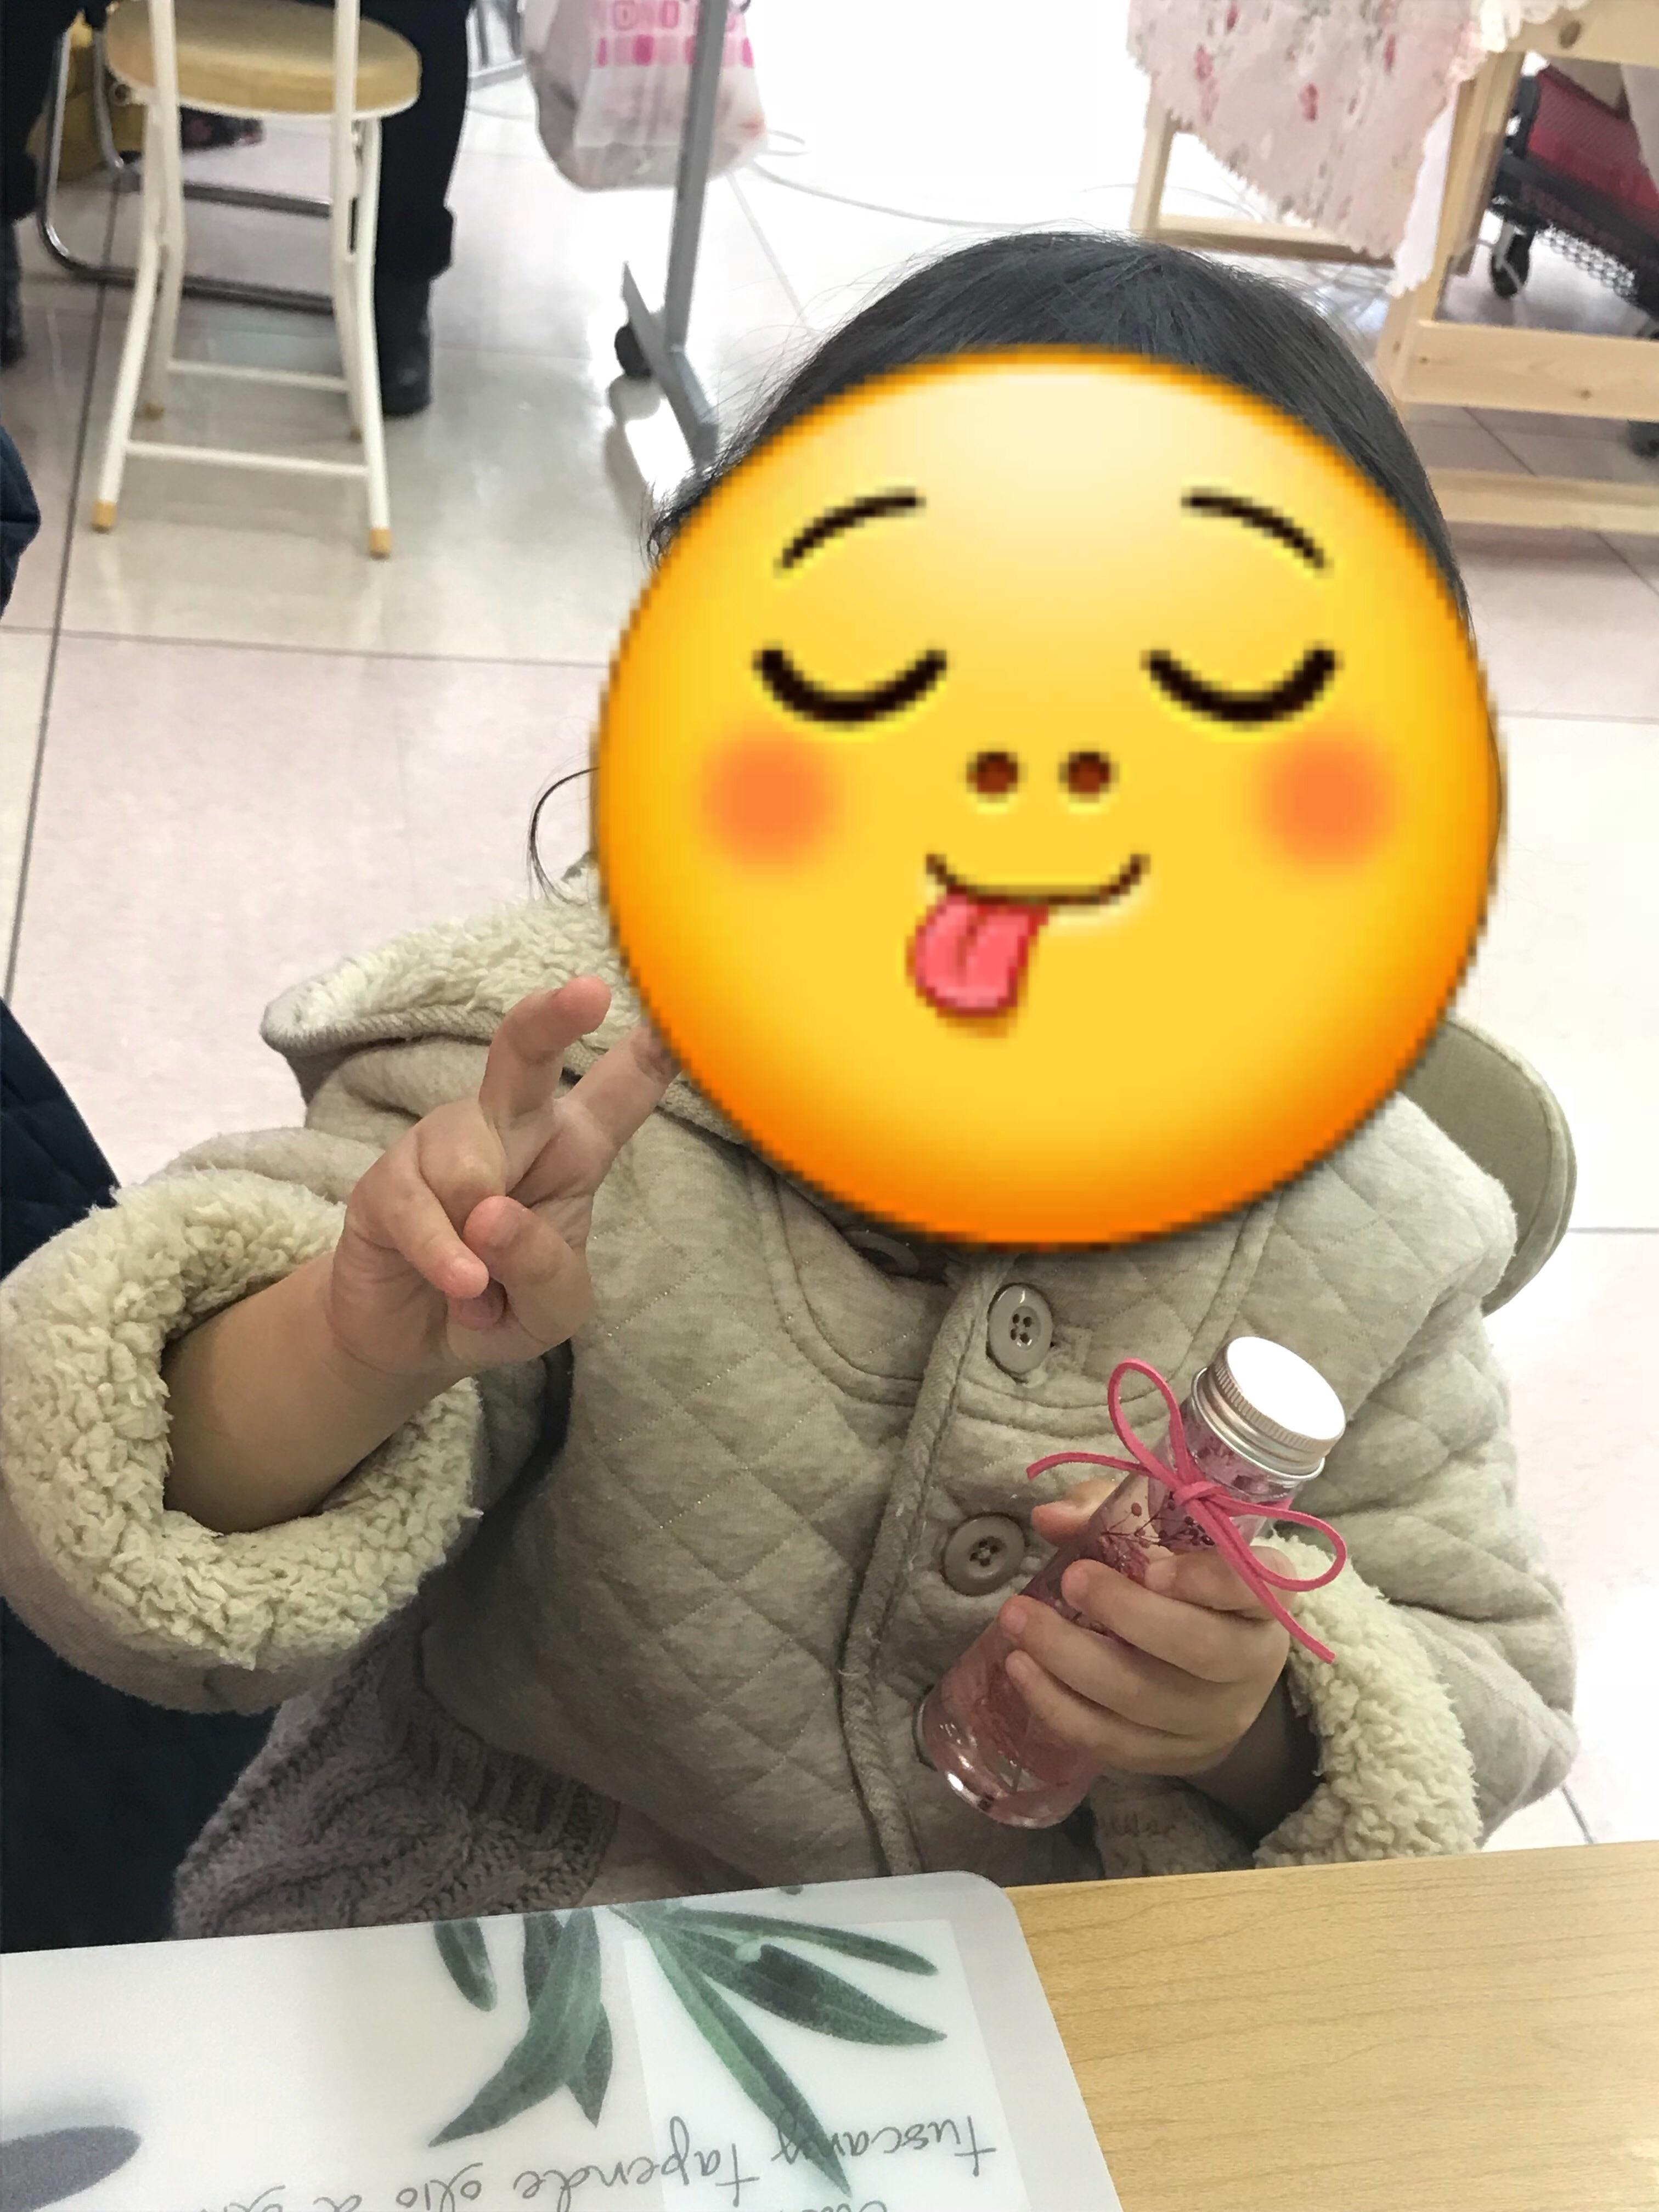 f:id:hana_su-hi:20180204193722j:image